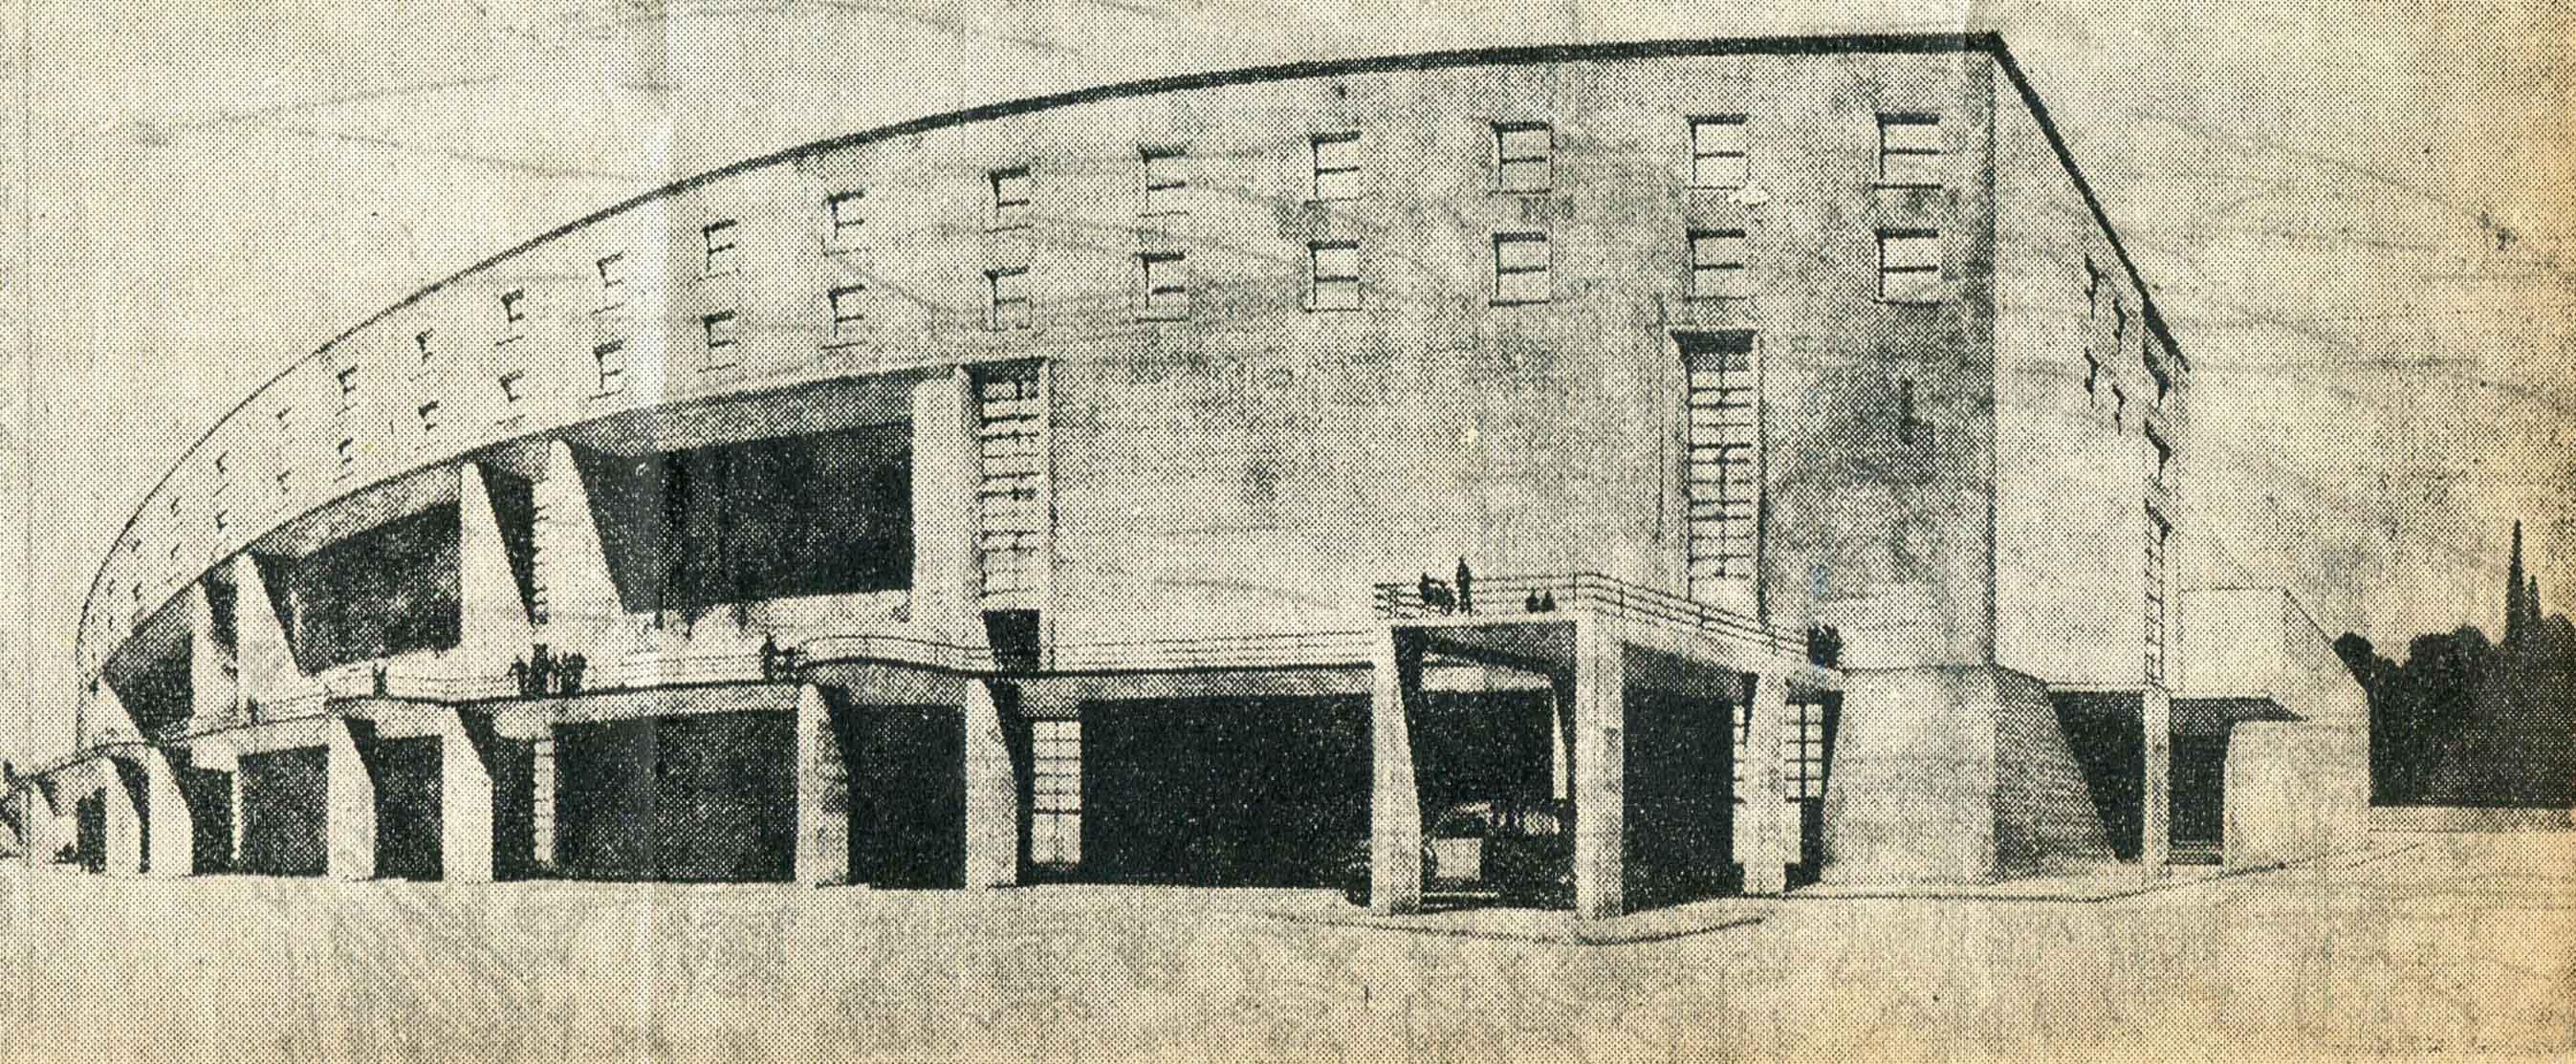 Progetto per un teatro albergo